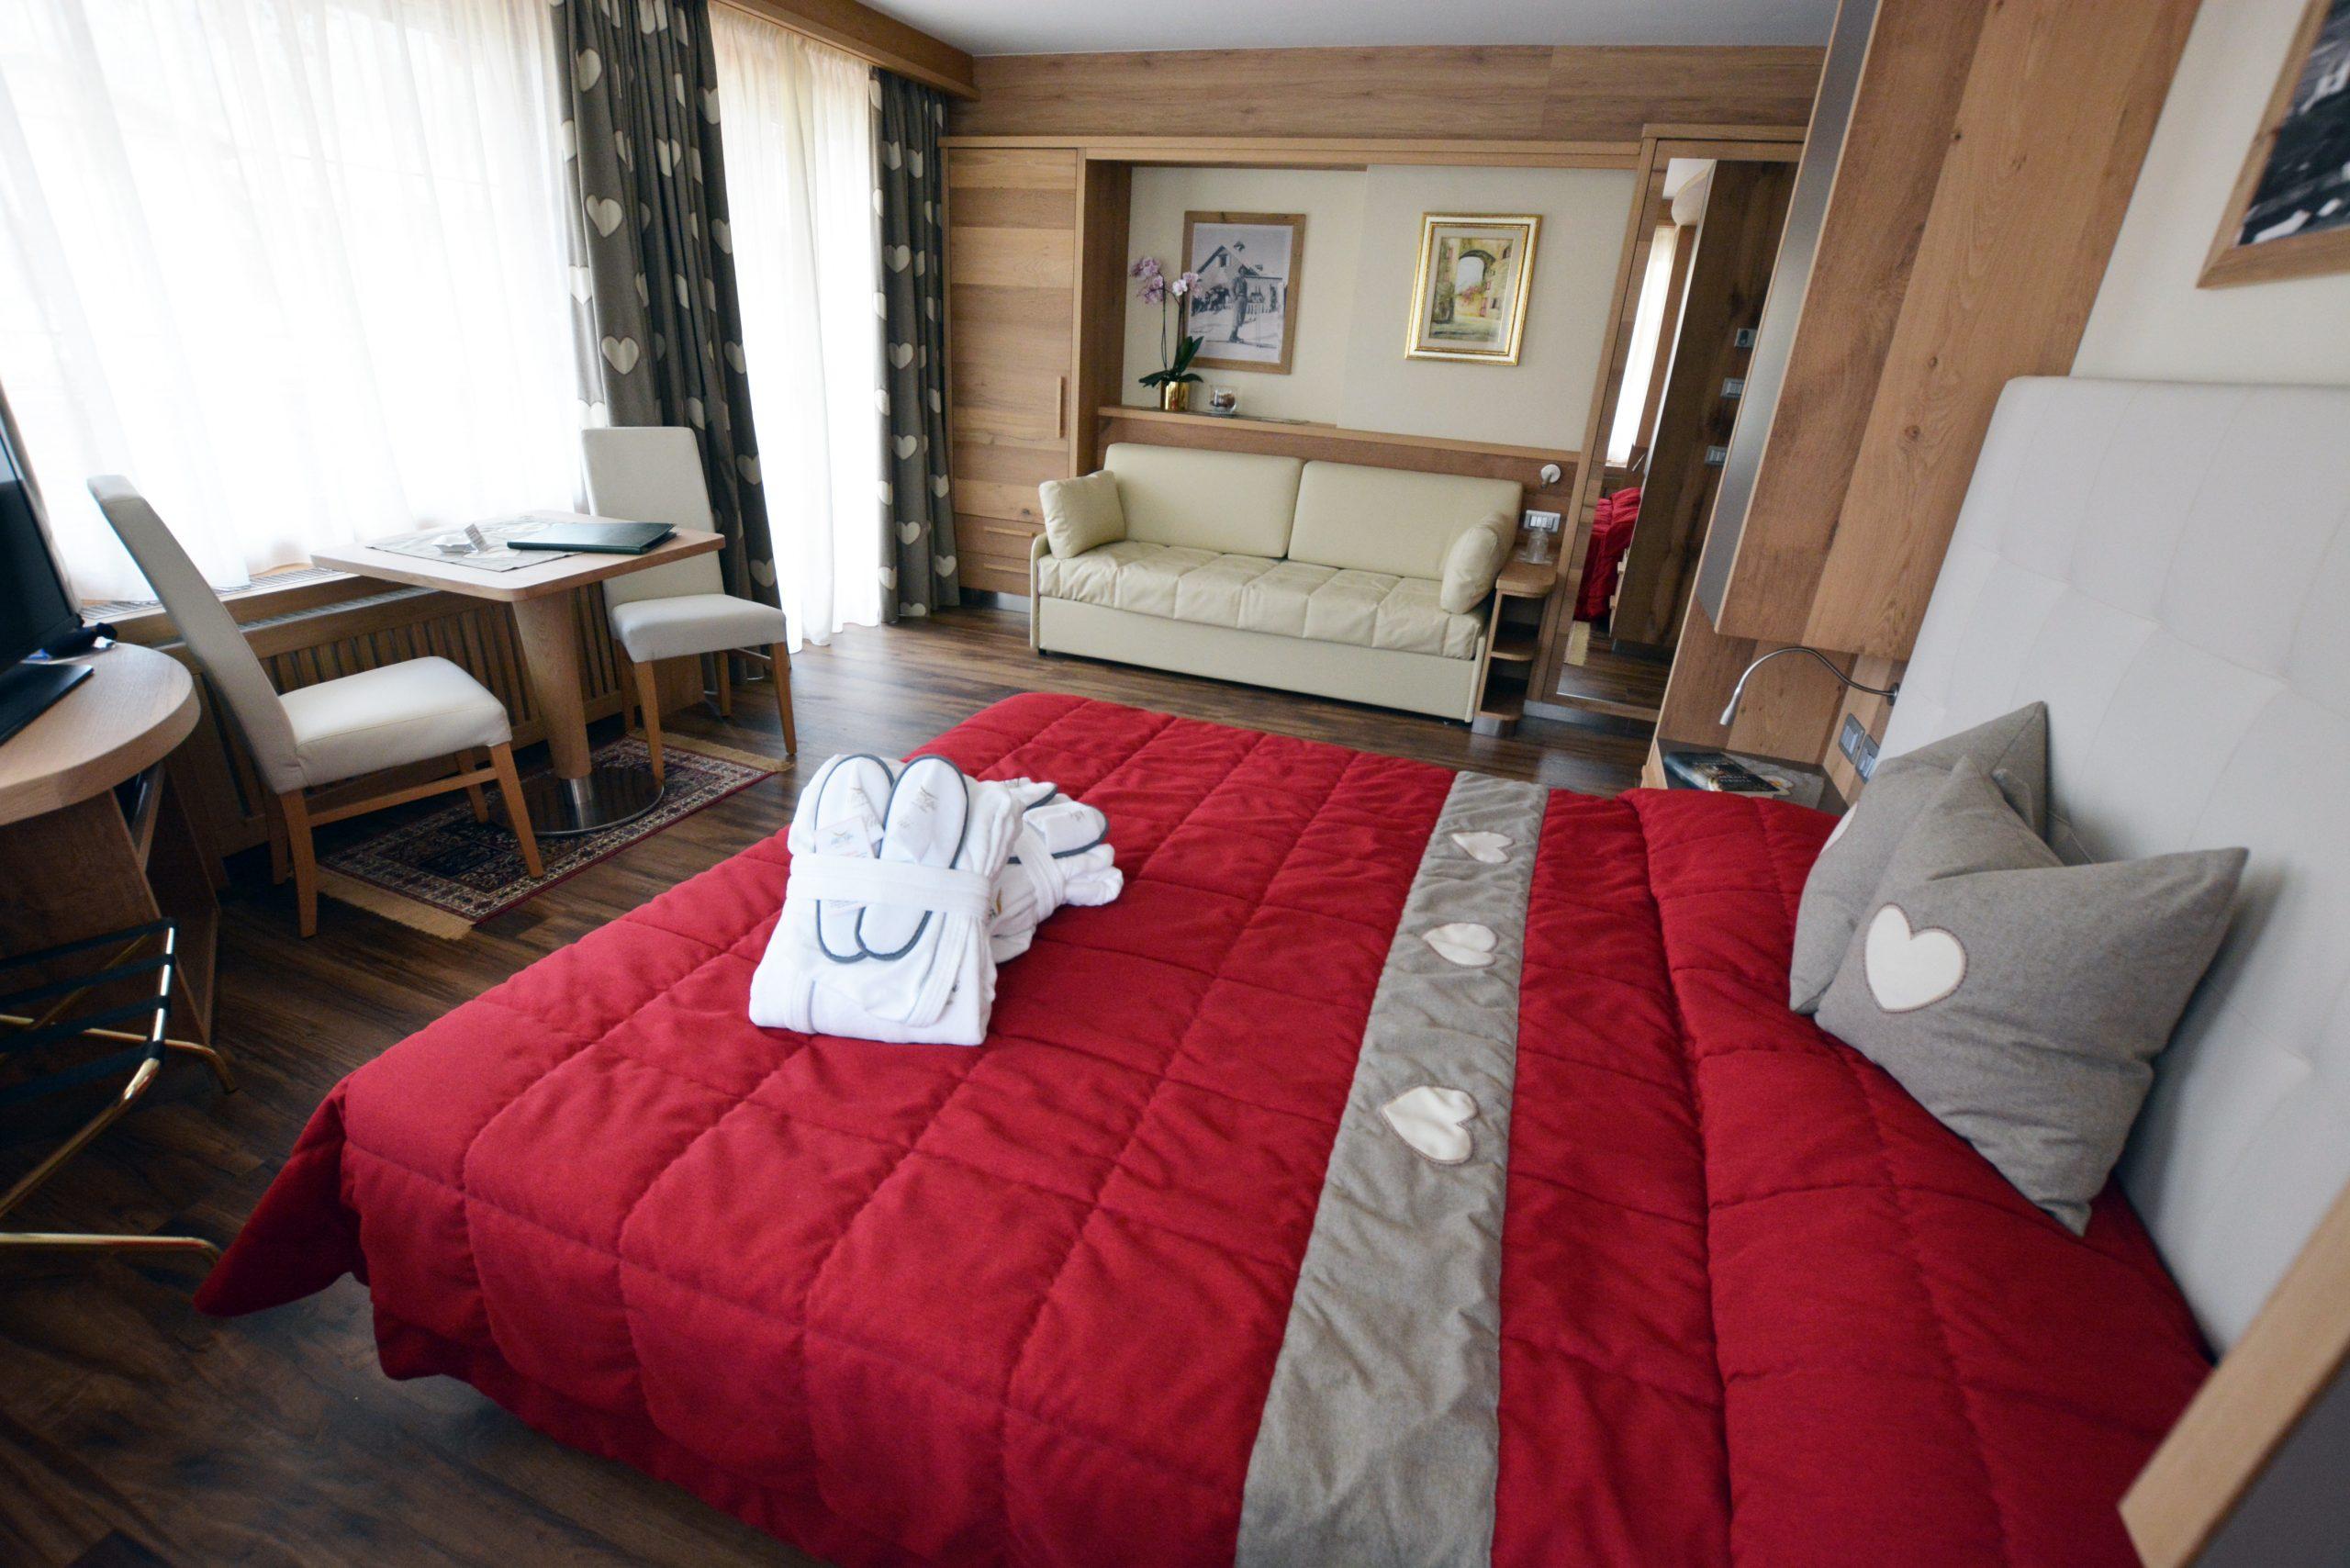 Hotel Val di Fassa camera relax Hotel alle Alpi